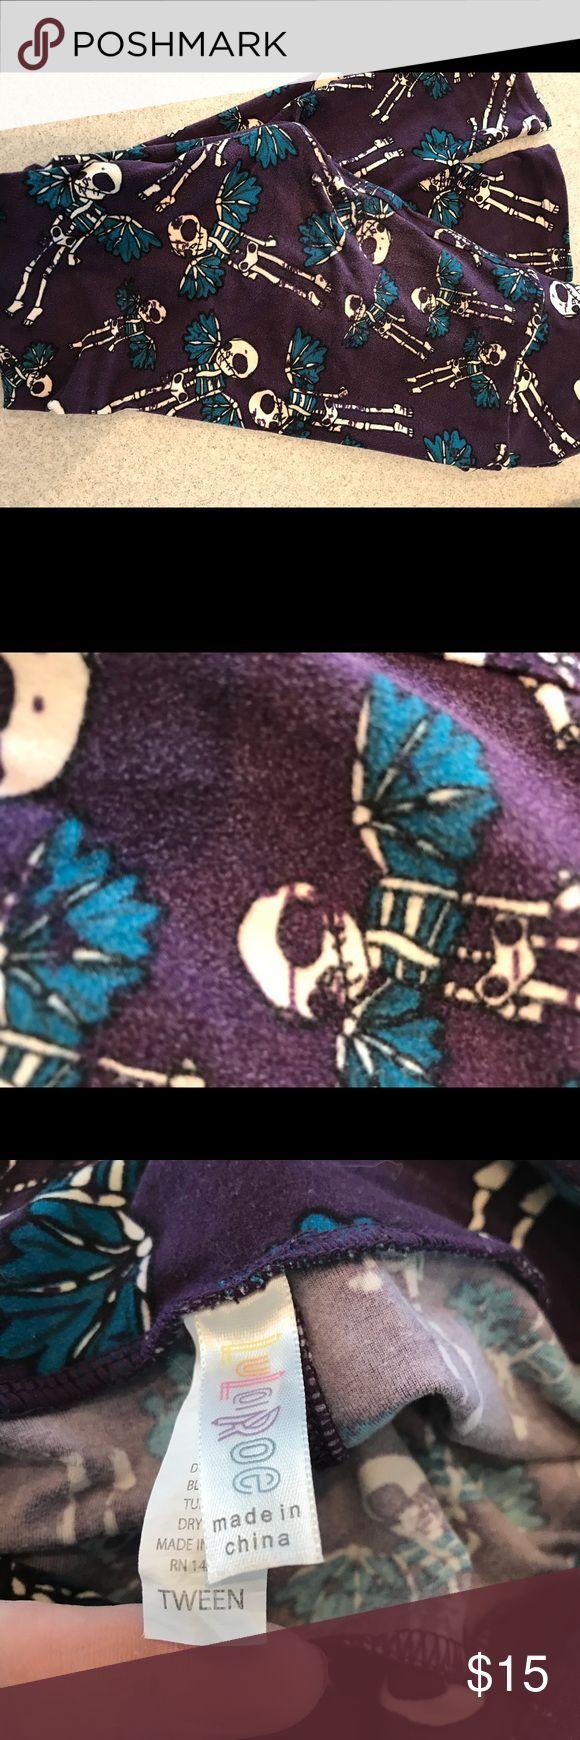 Lularoe tween leggings flying skeletons Lularoe tween leggings flying skeletons. Purple with black and blue in the print LuLaRoe Bottoms Leggings